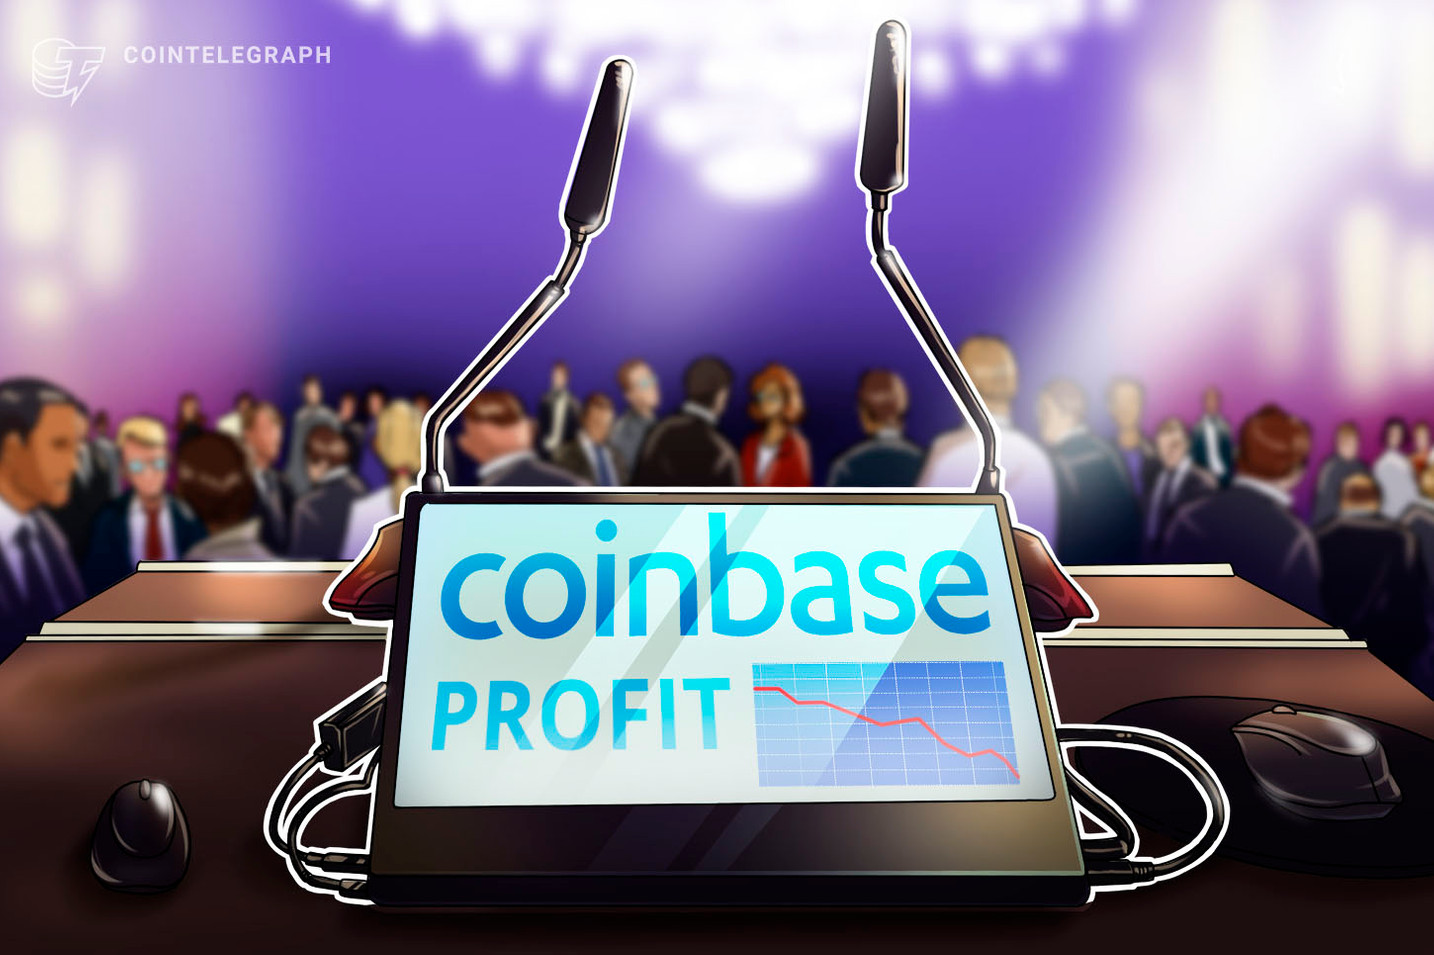 Informe: Los ingresos de Coinbase en 2018 son un 60% menores que los proyectados por la empresa